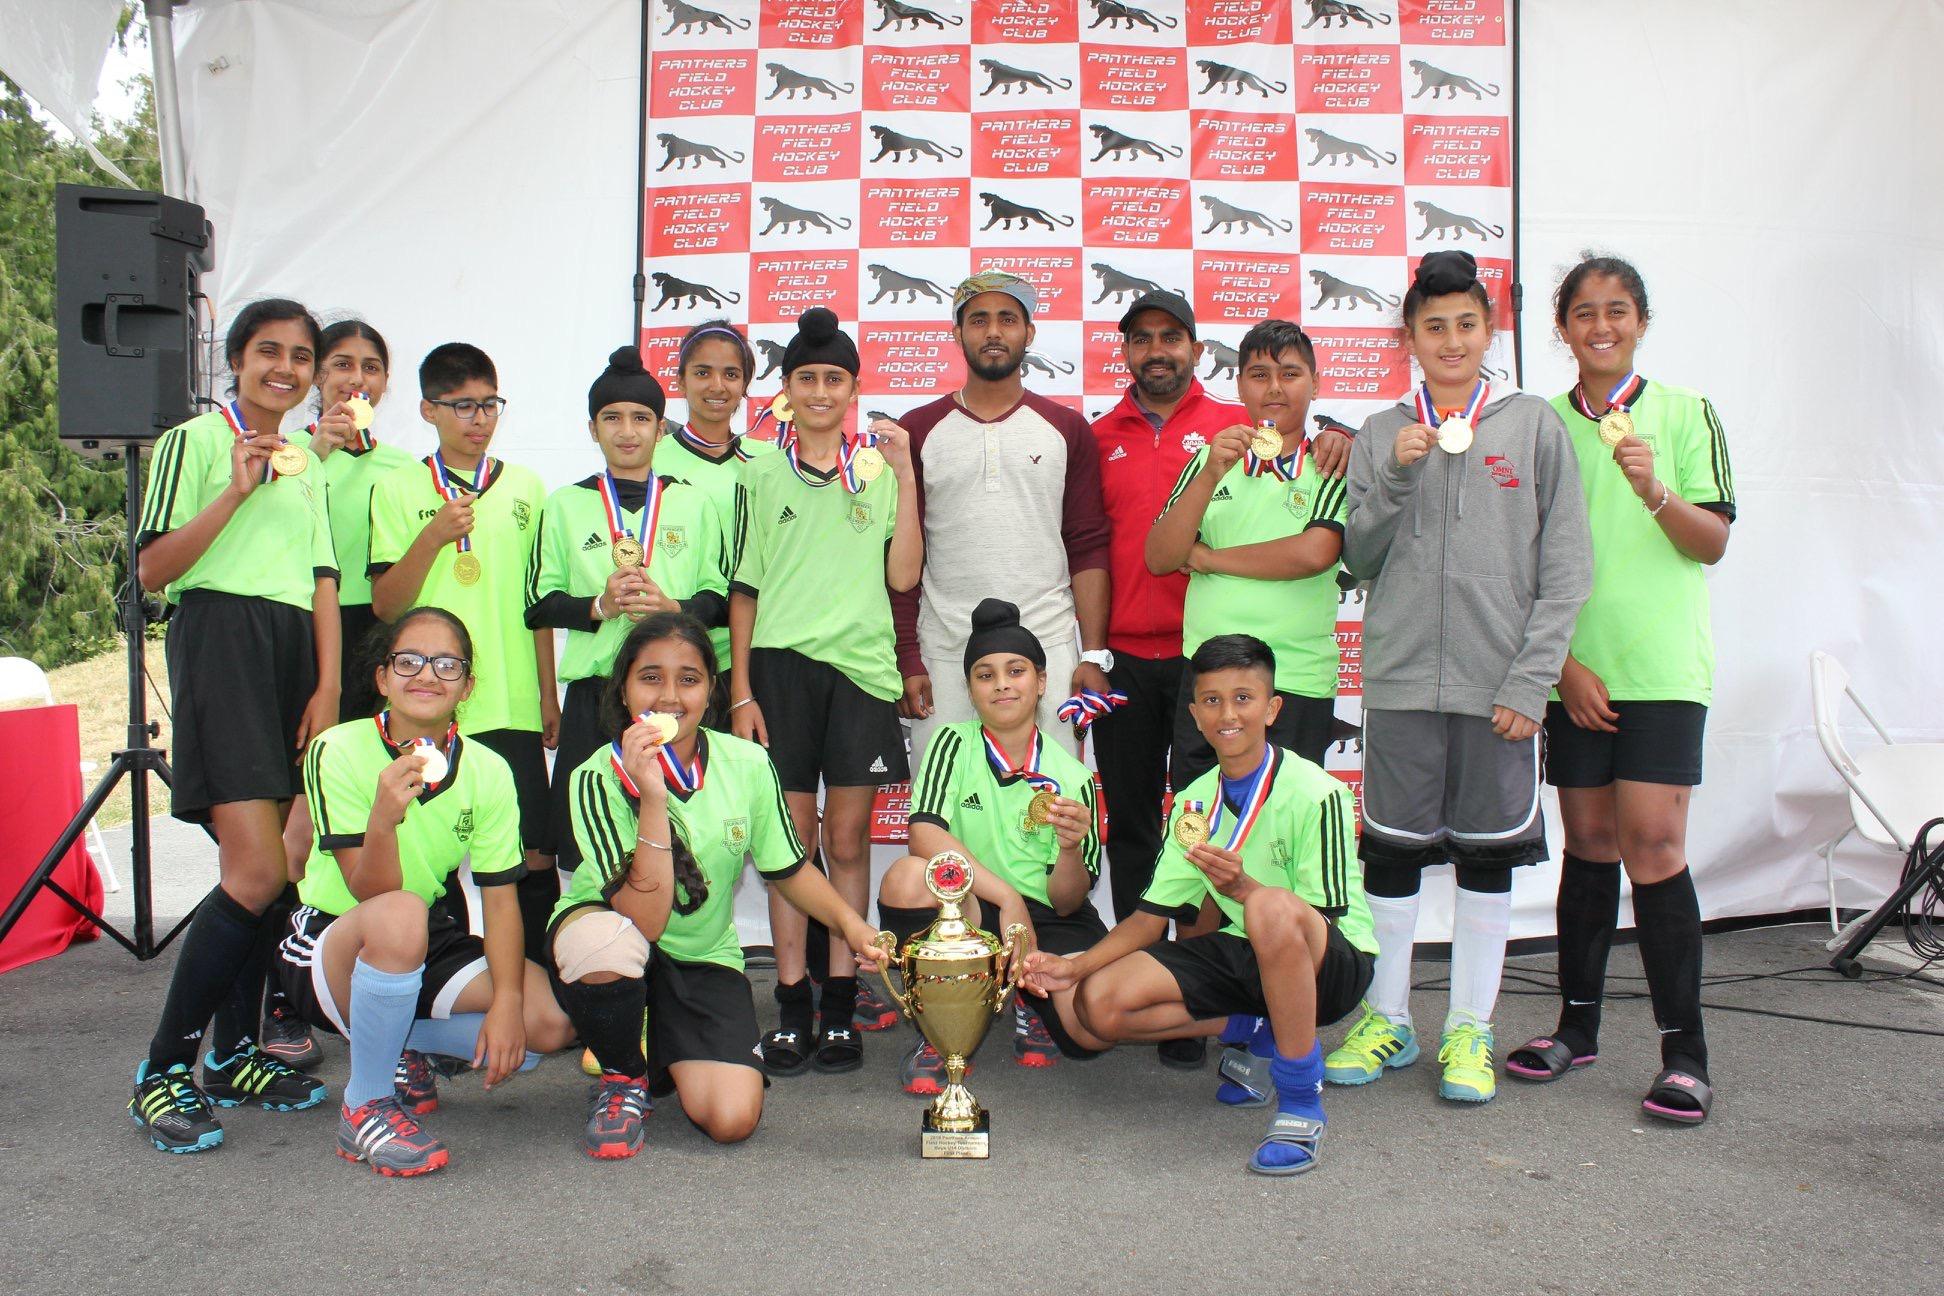 U14 Boys & Girls Team